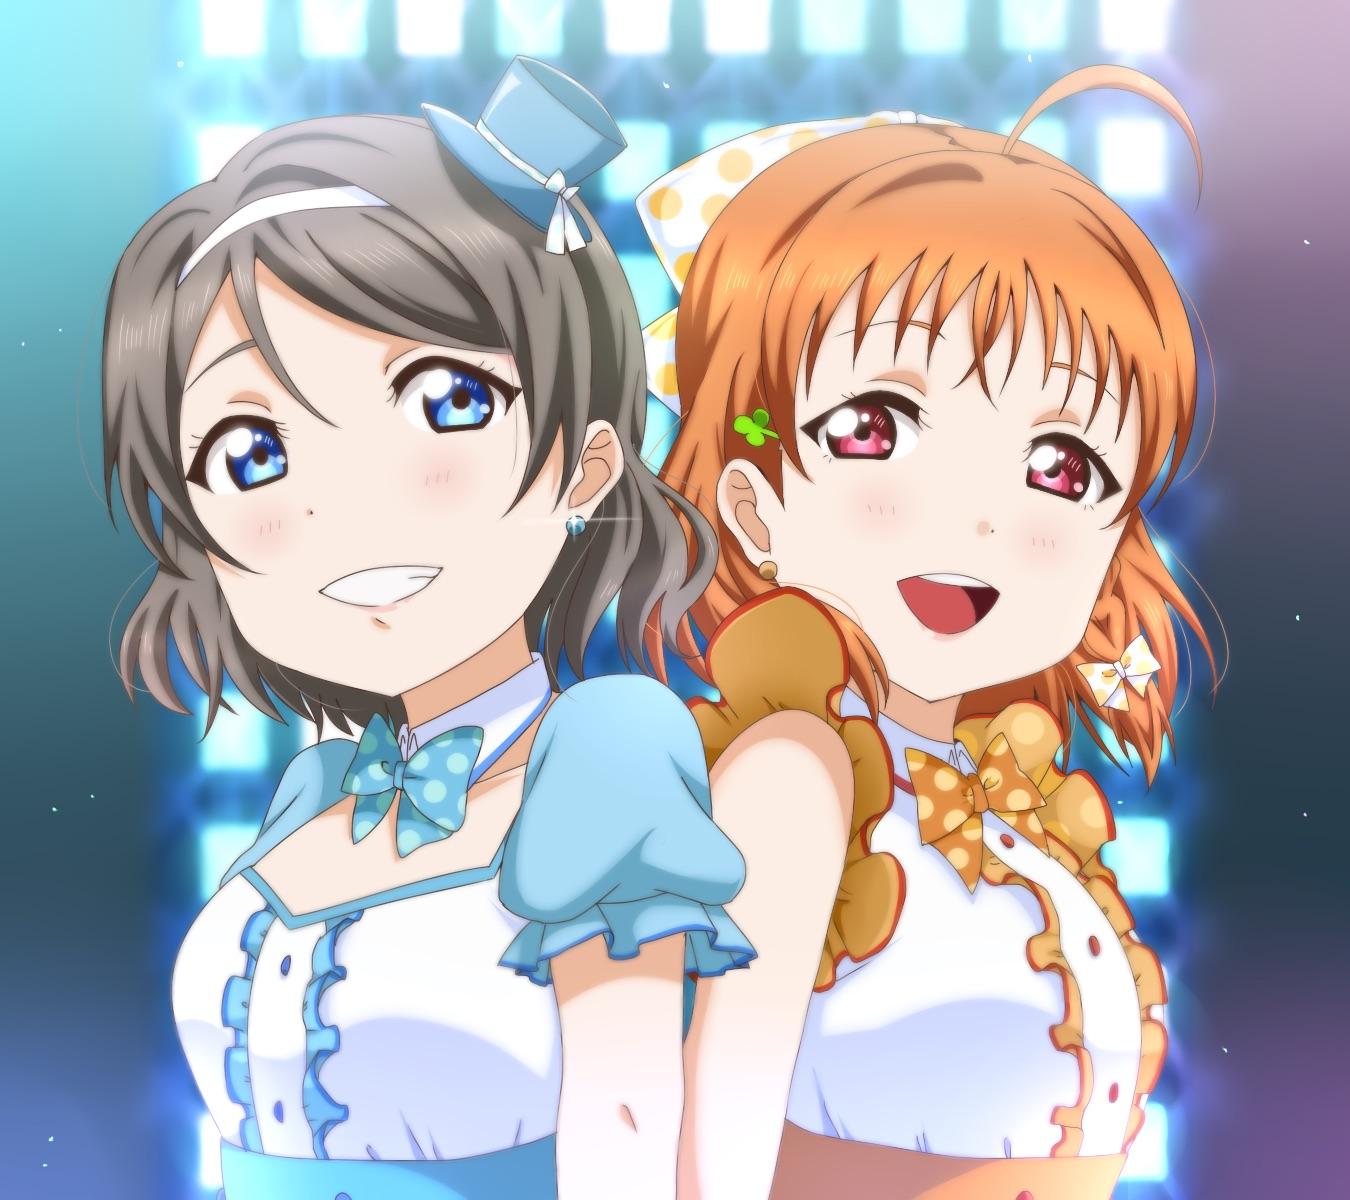 ラブライブ 高海千歌 渡辺曜 Lovelive Takami Chika Watanabe You